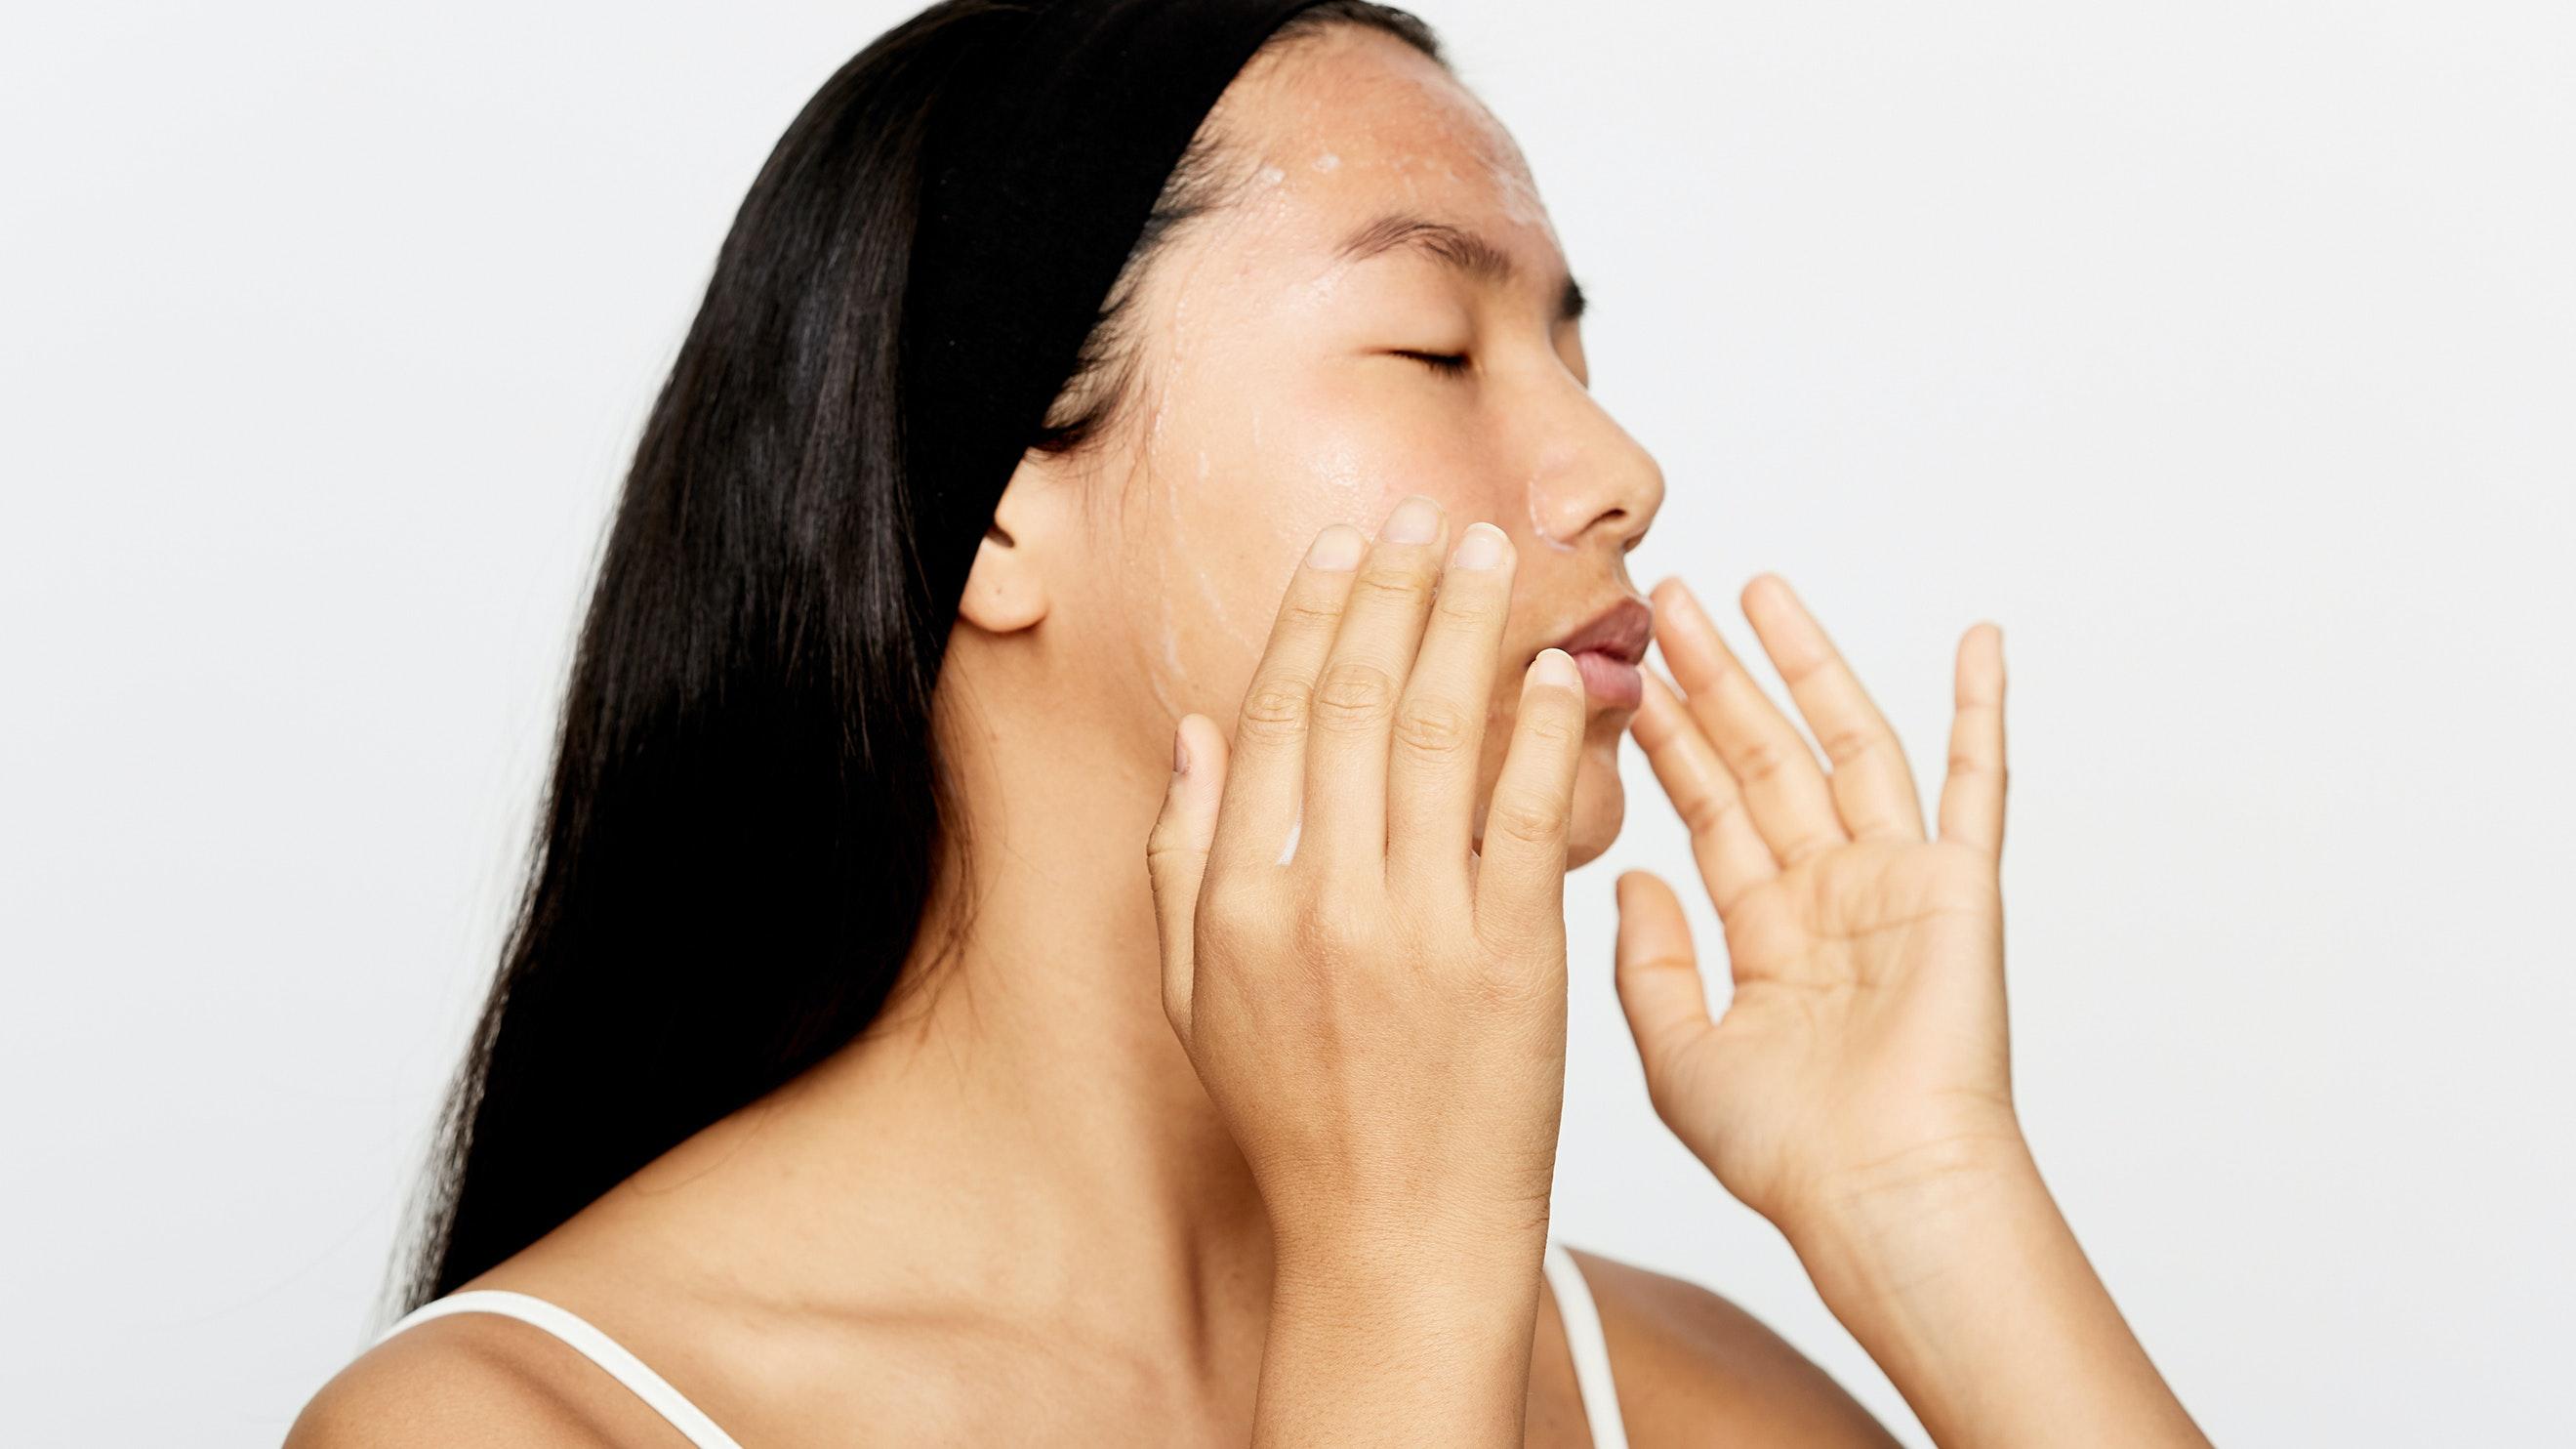 woman taking care of skin after laser skin resurfacing